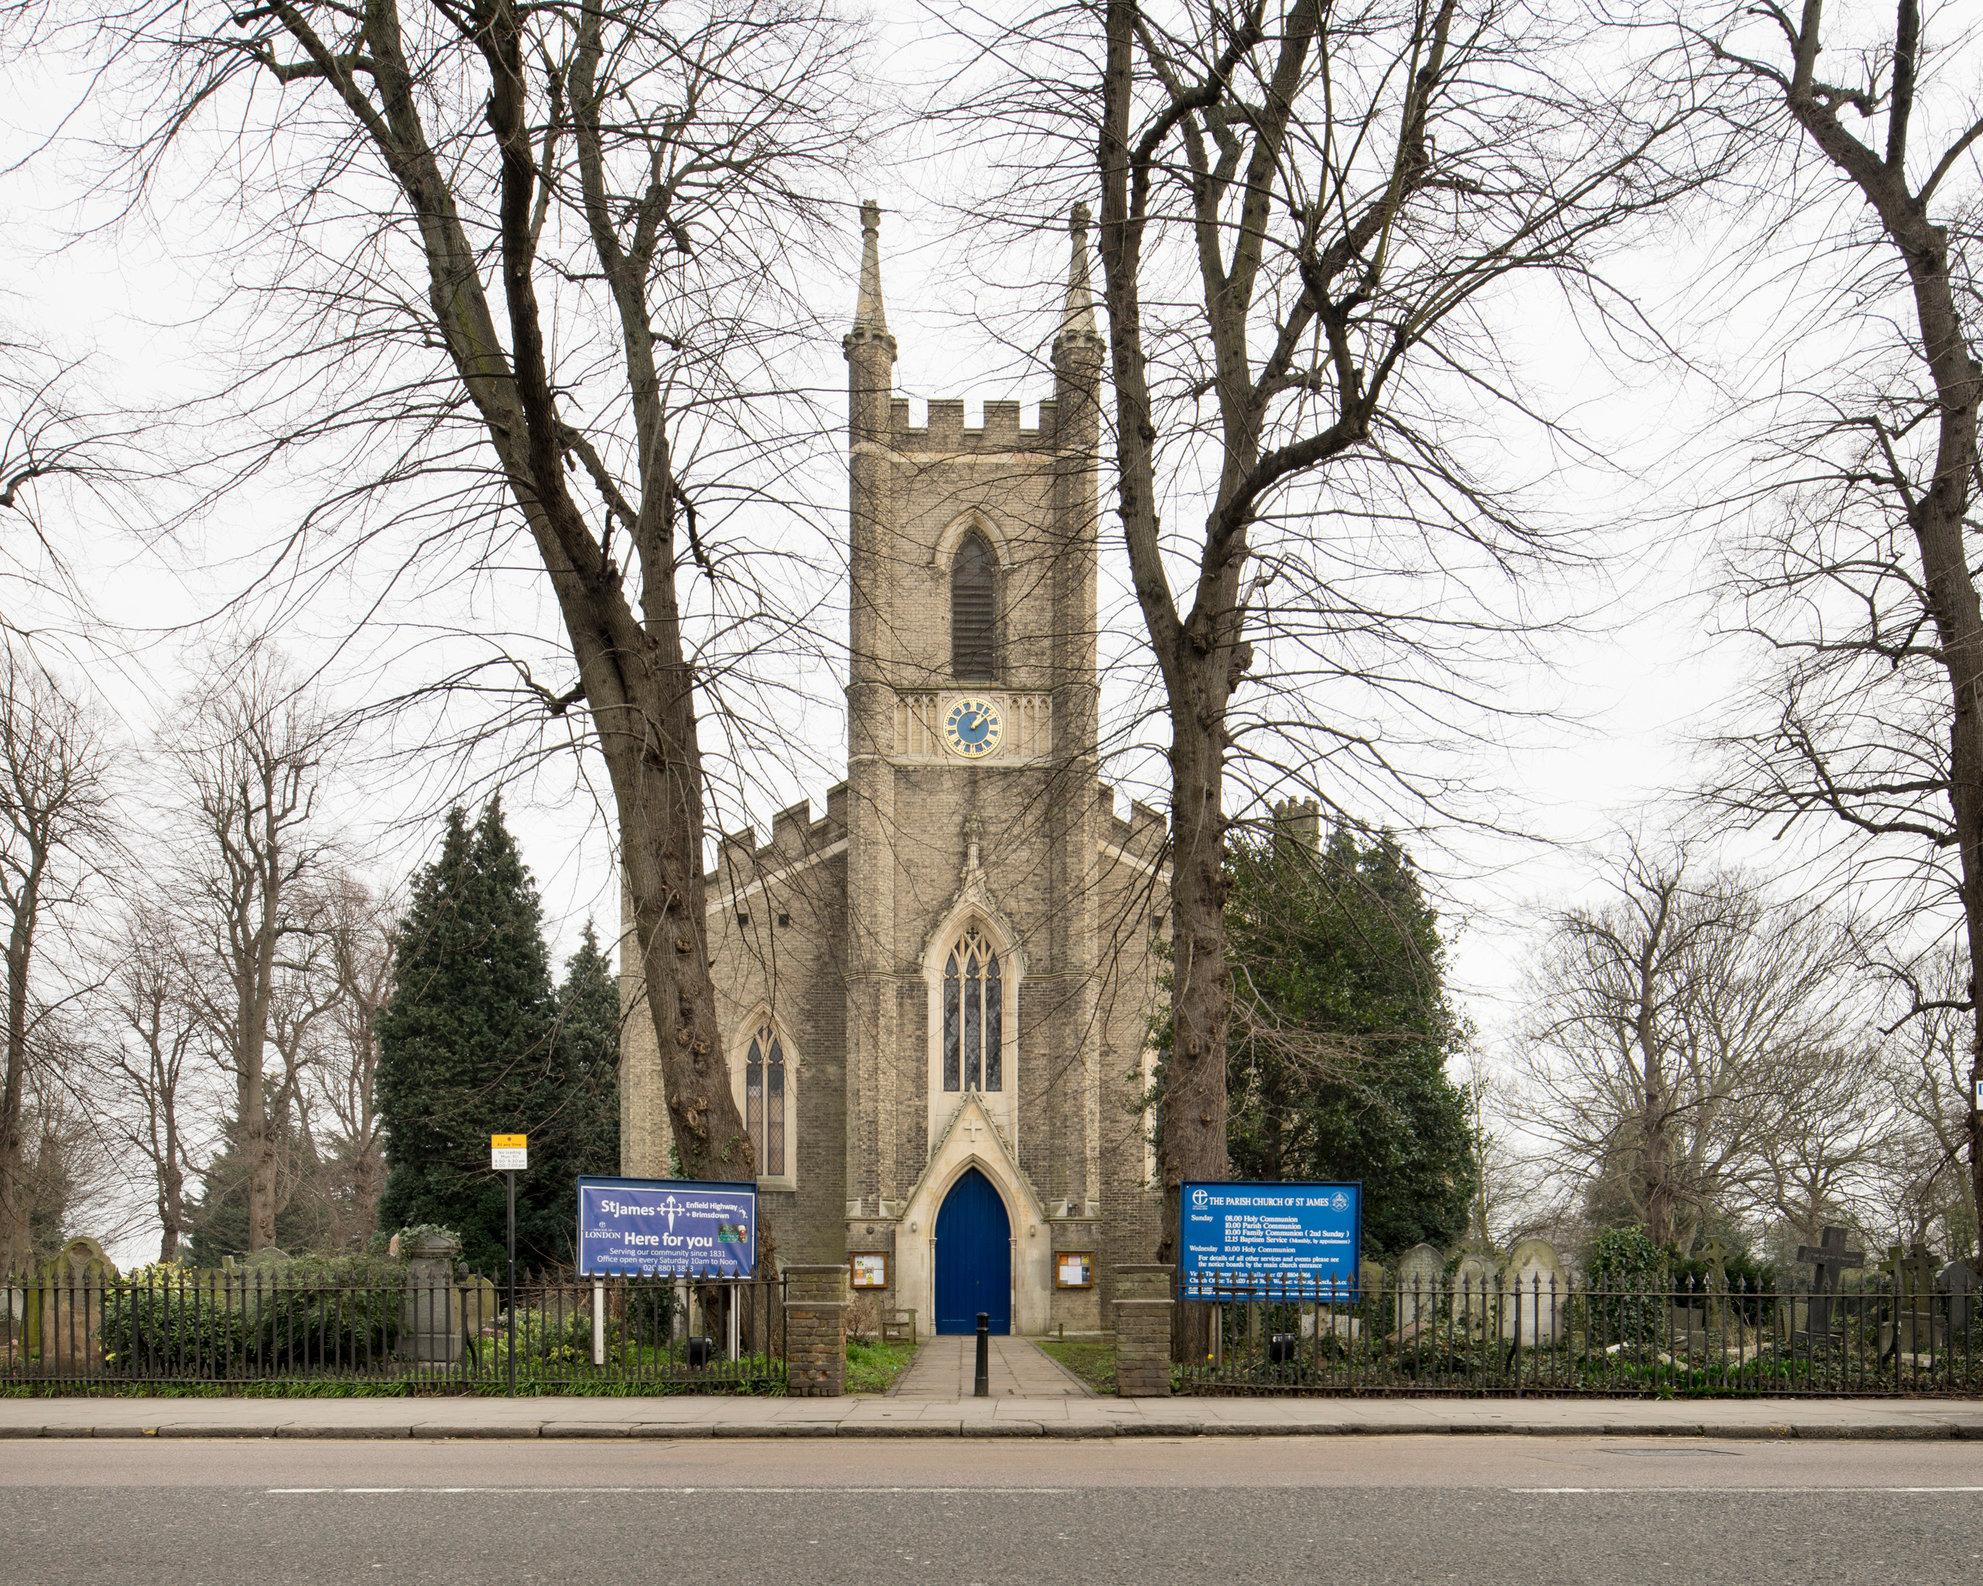 St James', Enfield.William Conrad Lochner